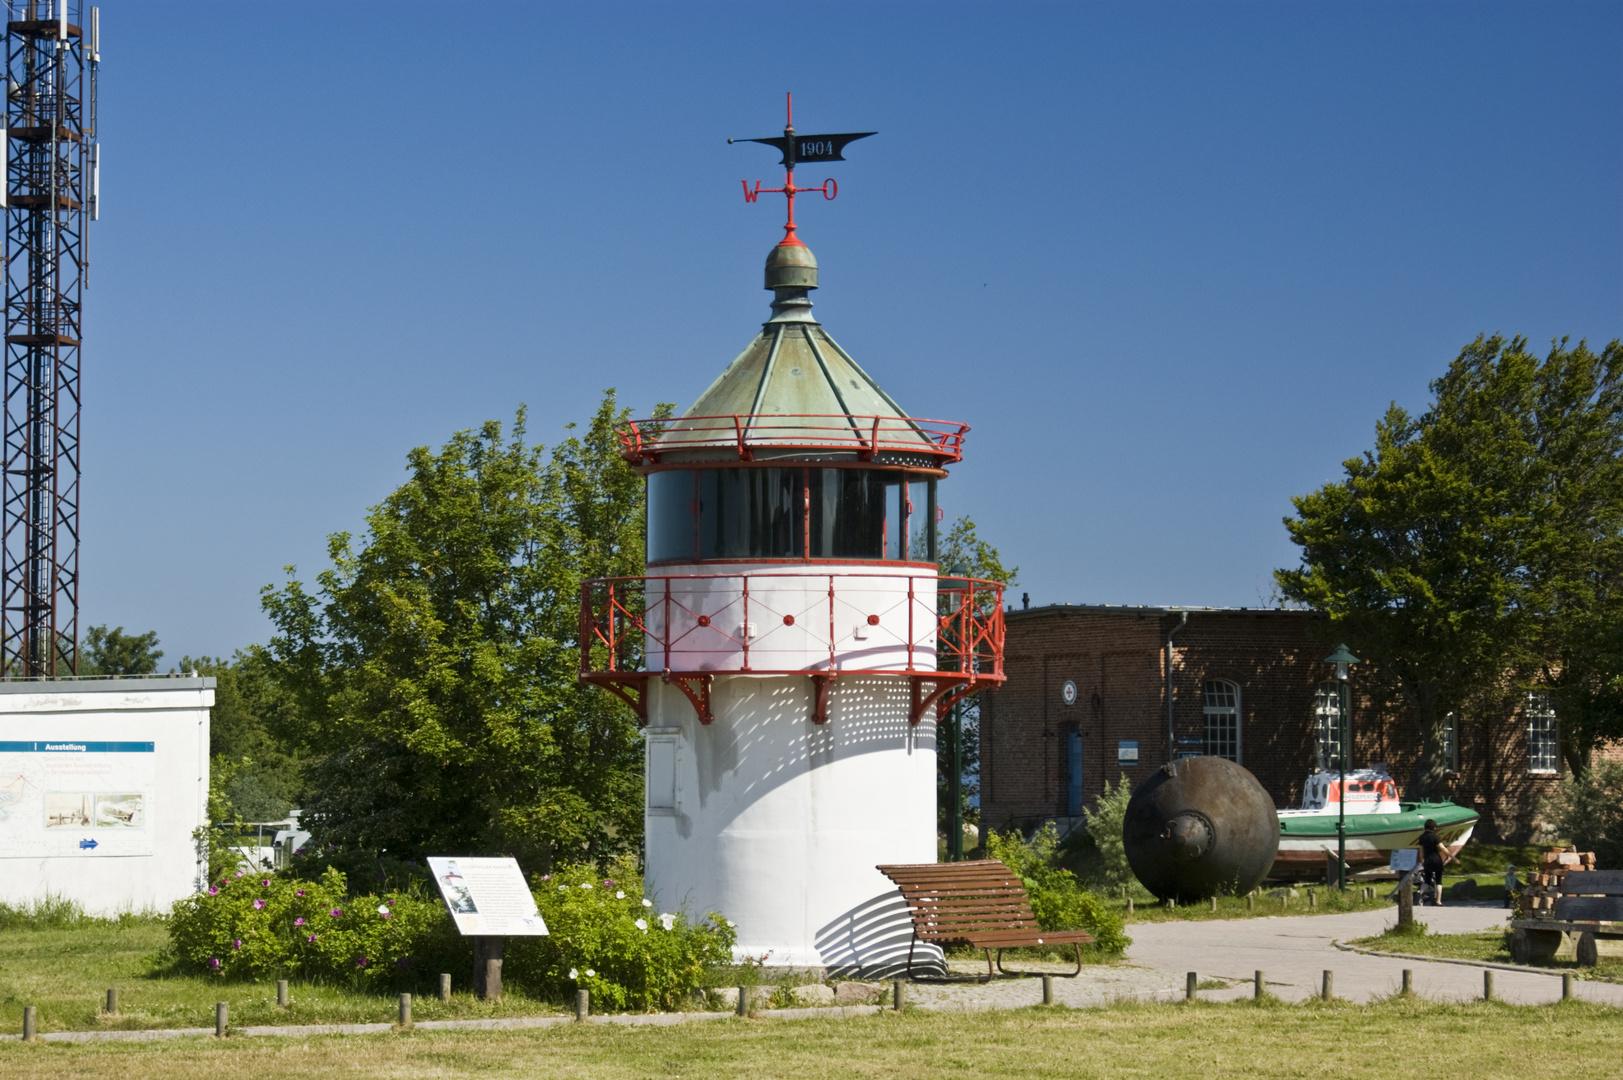 Minileuchtturm